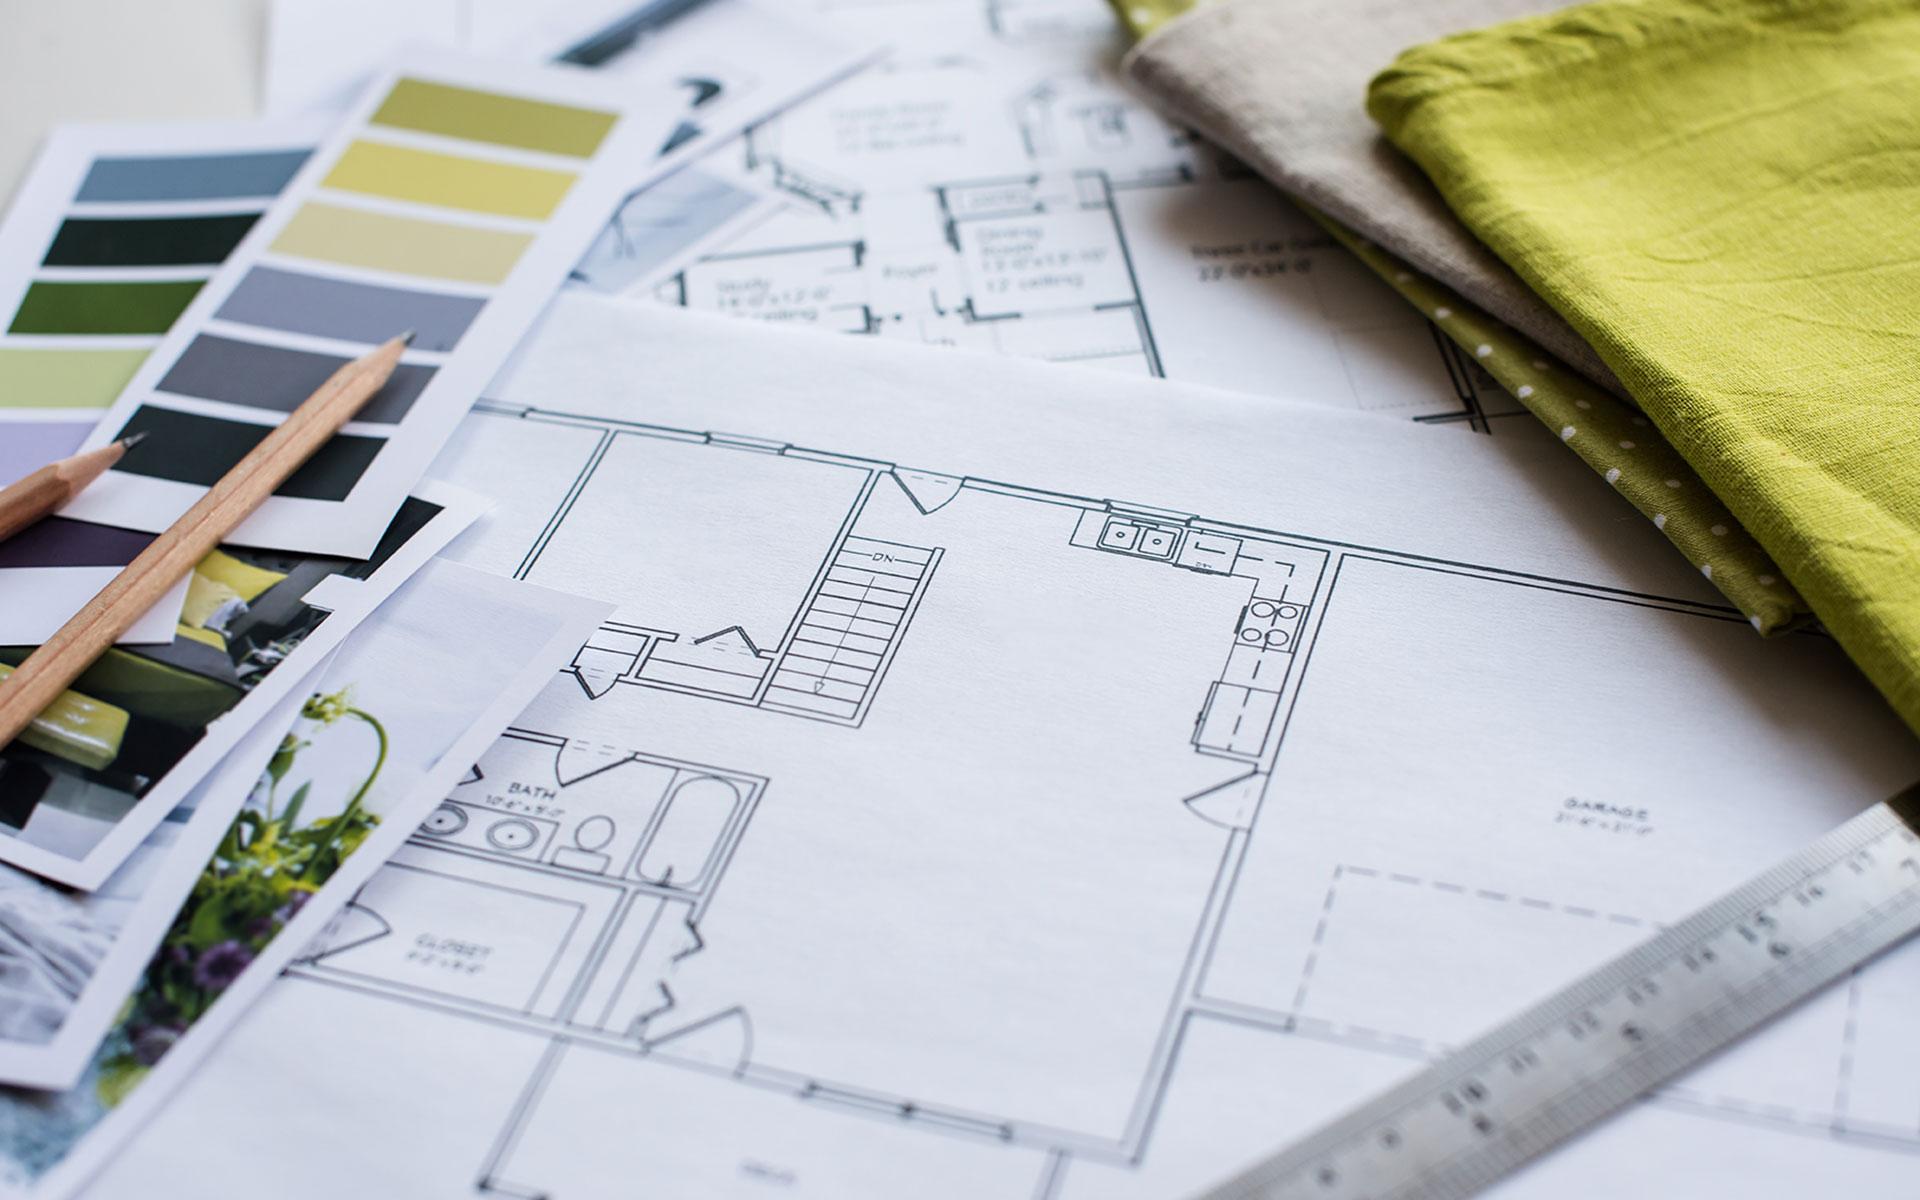 innenarchitektur - fachkundige beratung und sorgfältiger vorentwurf, Innenarchitektur ideen